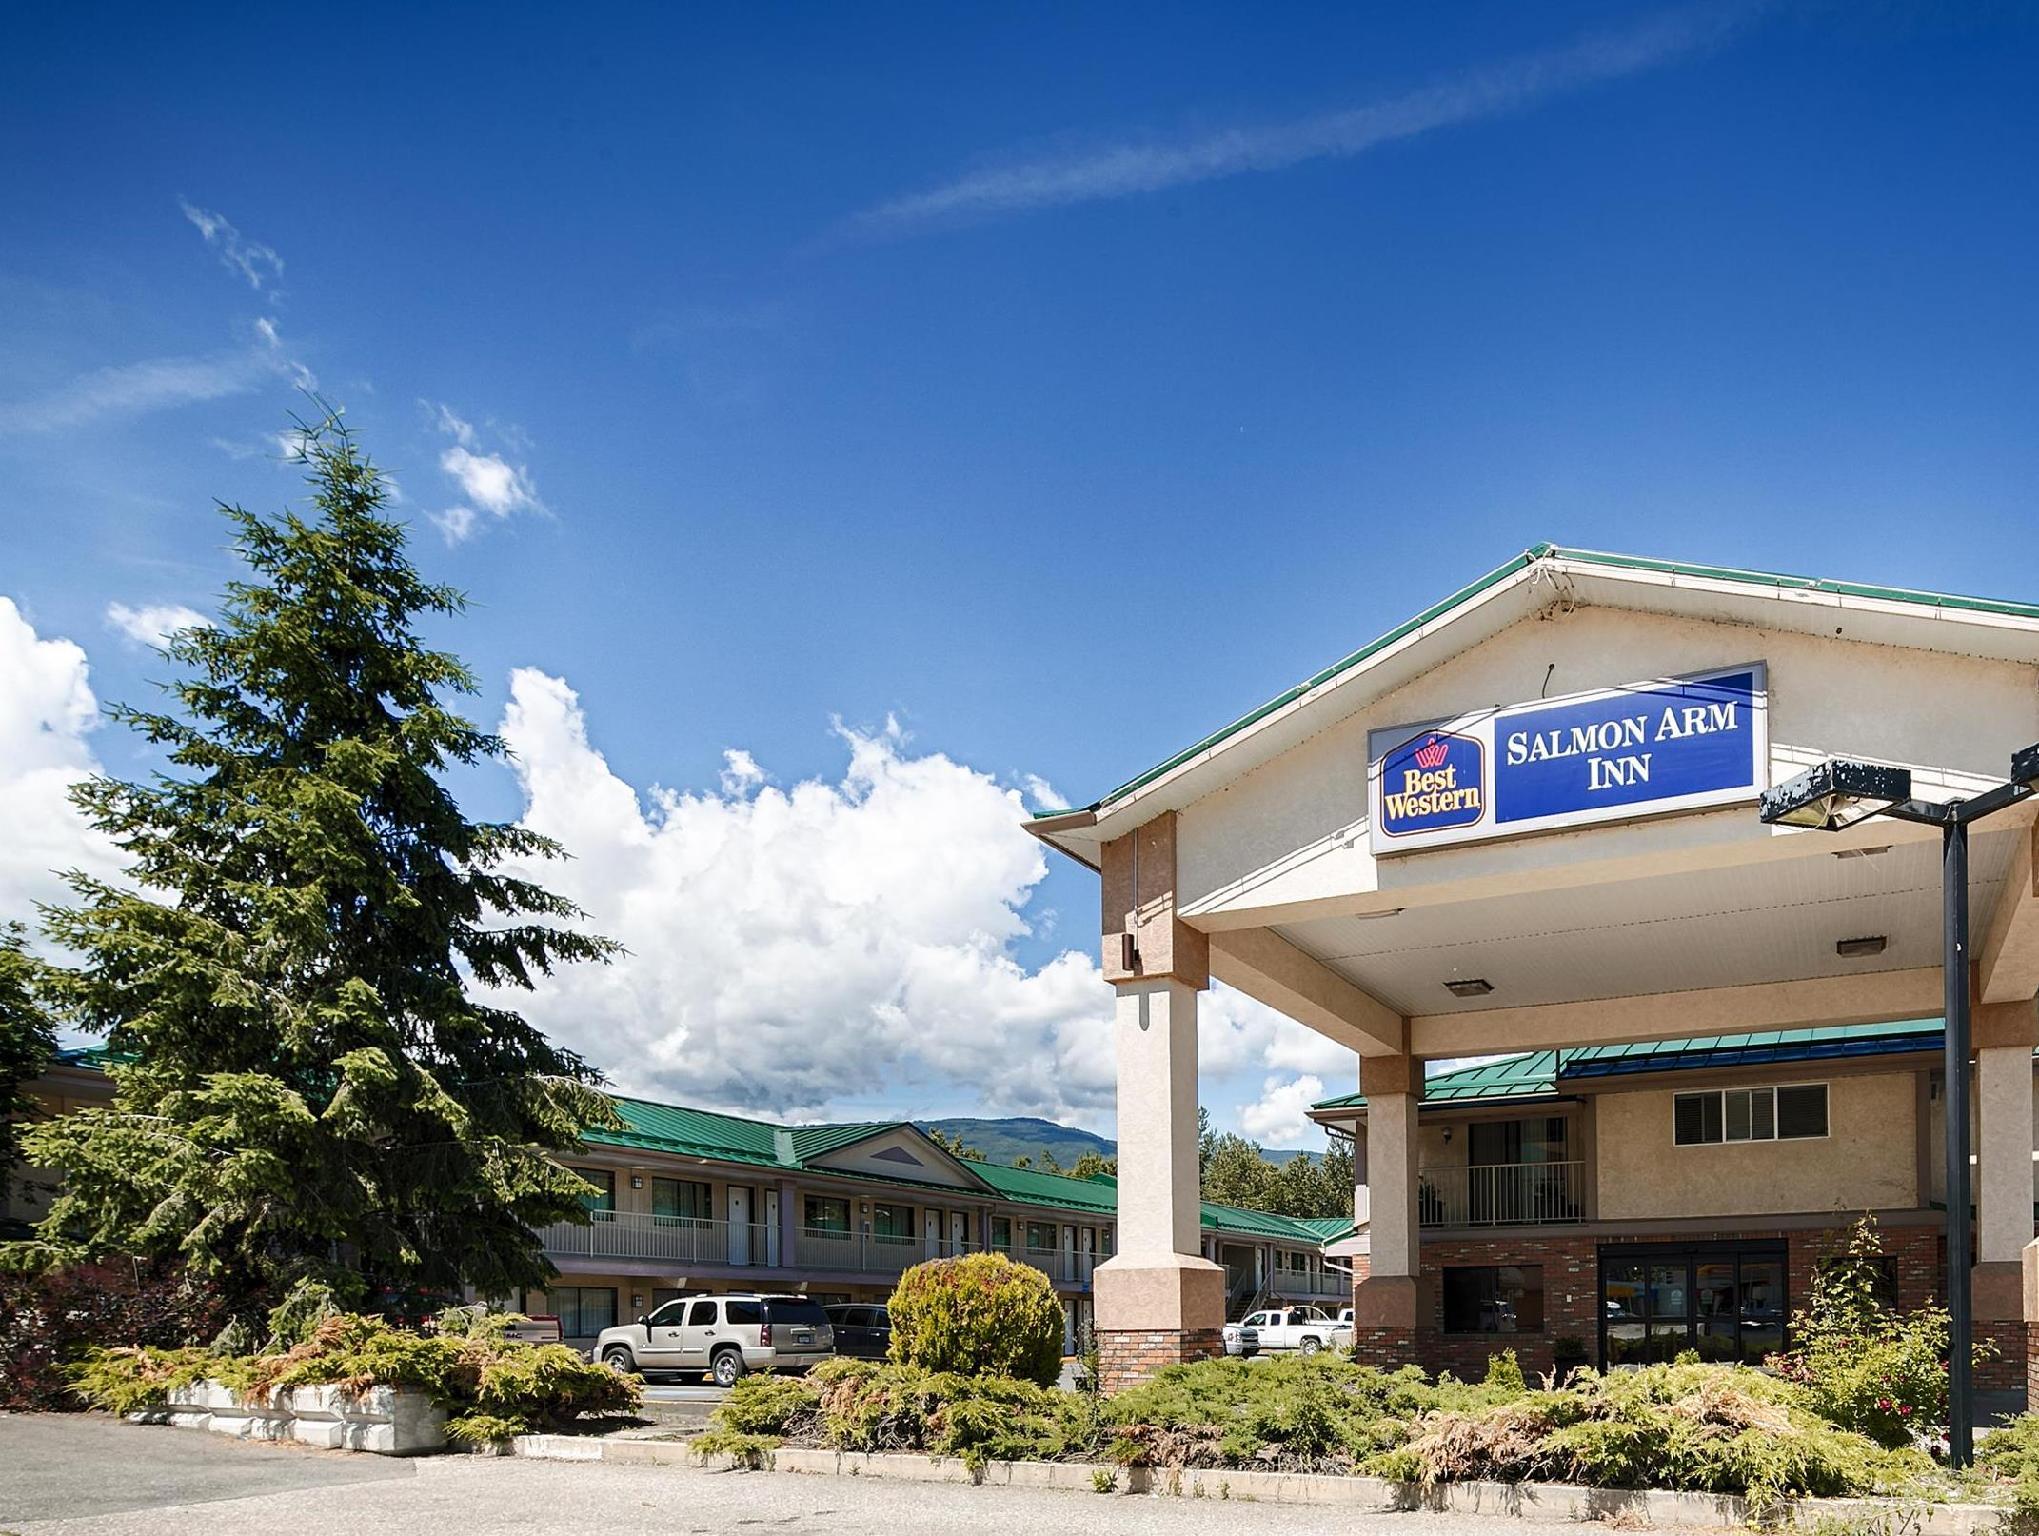 SureStay Plus Hotel By Best Western Salmon Arm